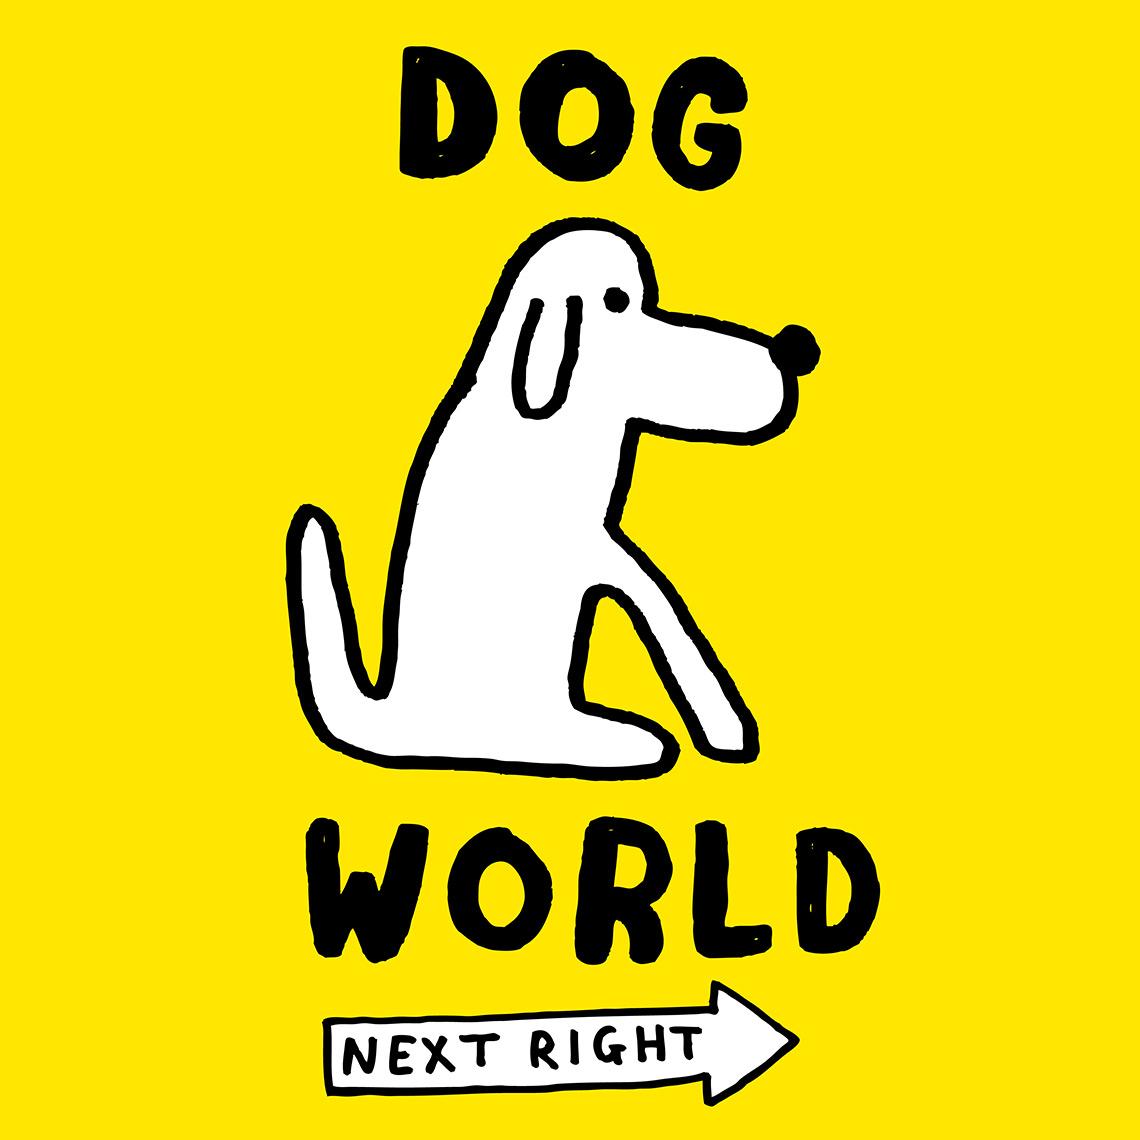 Insta_DogWorld.jpg